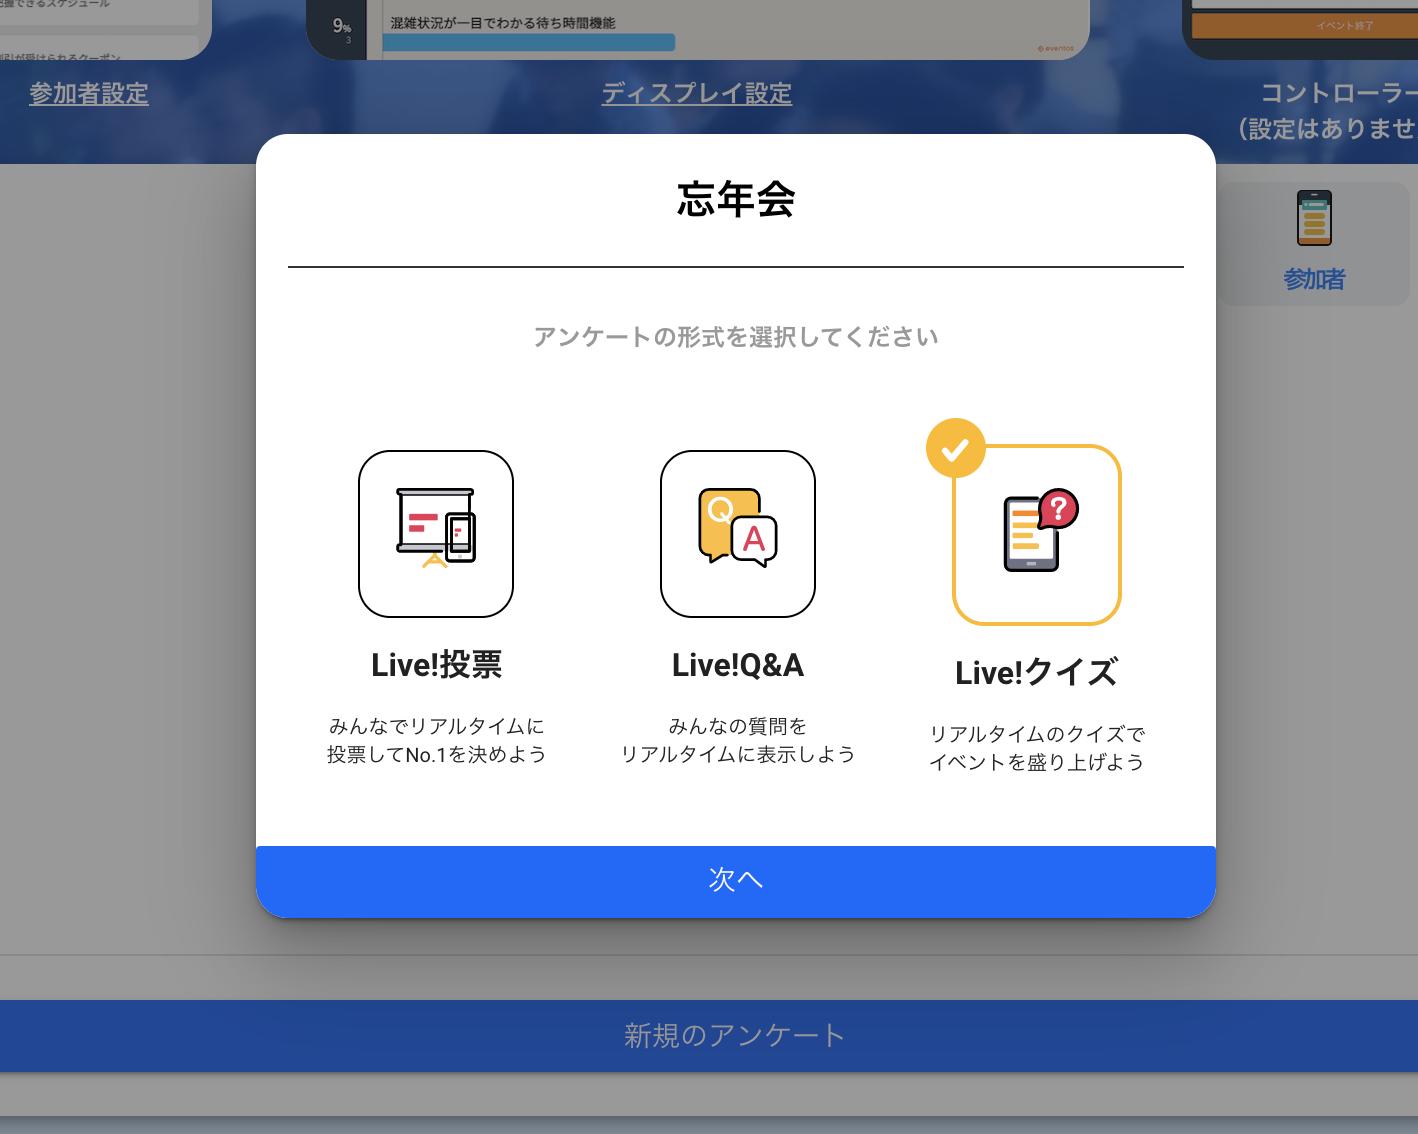 Live!クイズ